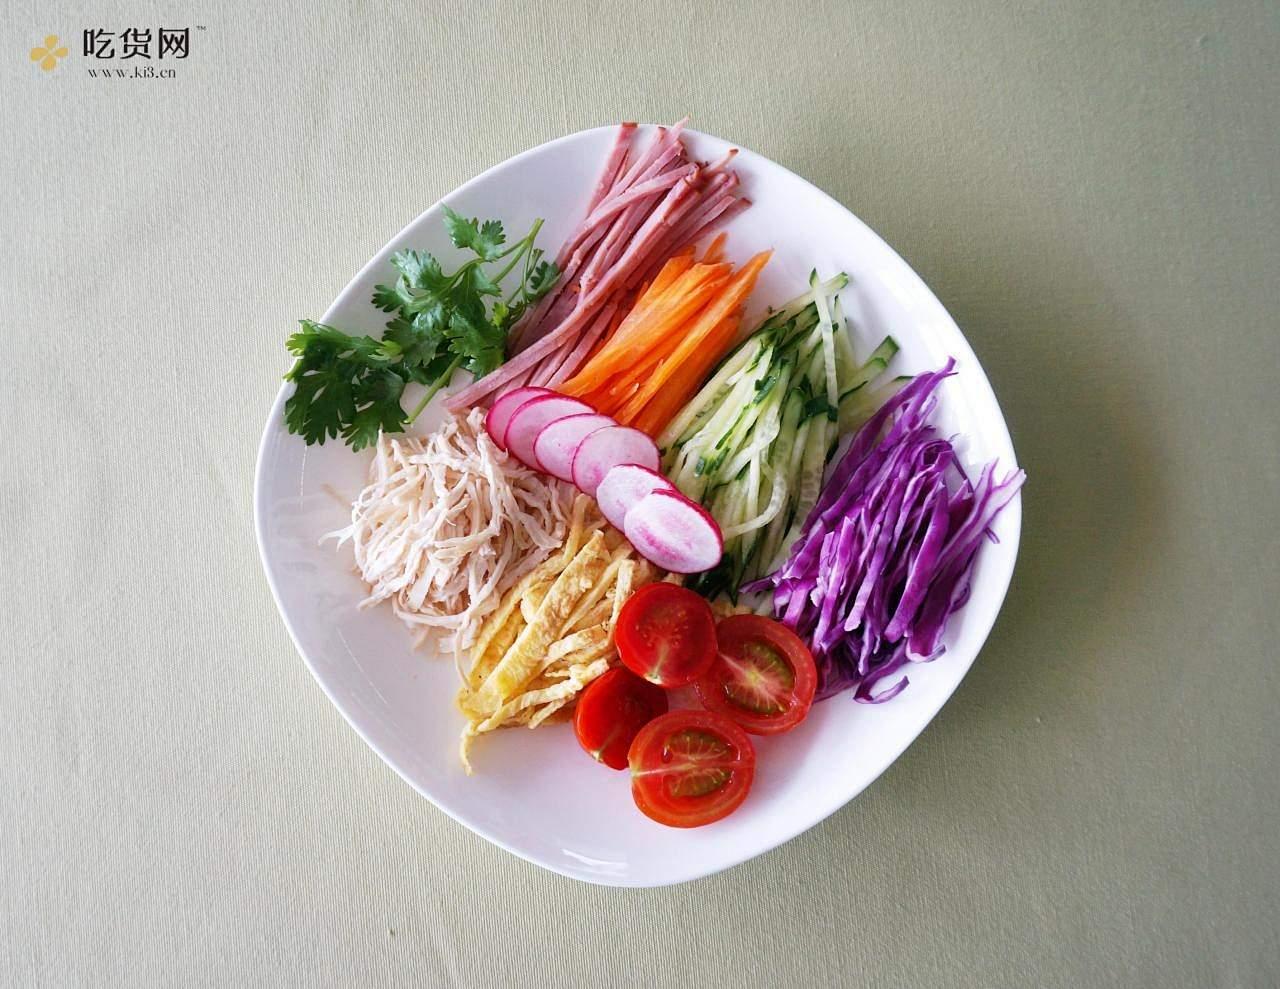 【丘比美食】芝麻鸡丝凉面的做法 步骤5